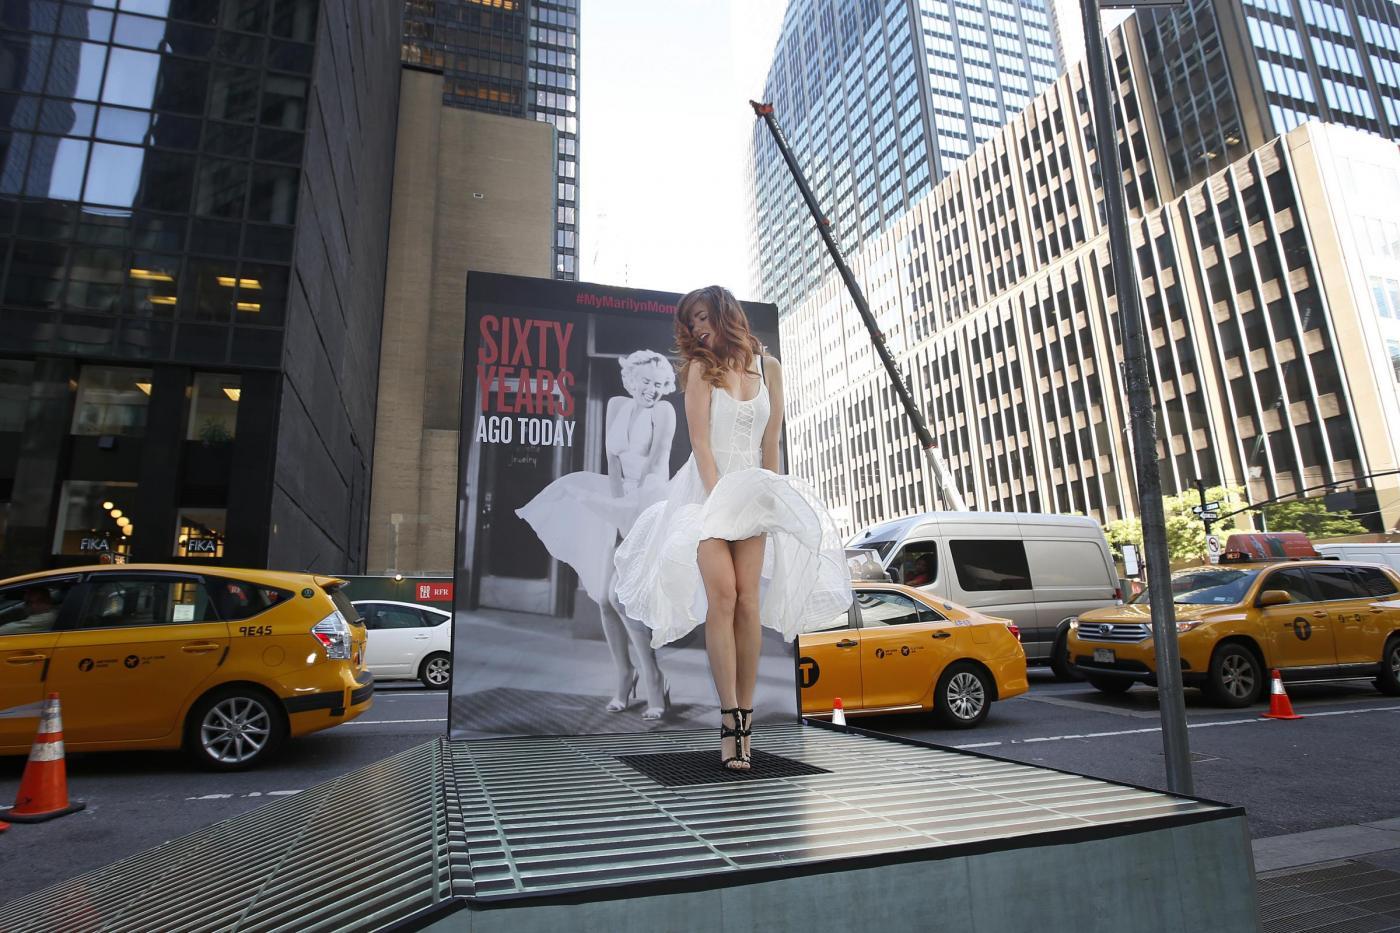 New York, tutte in posa come Marilyn Monroe. E la gonna vola su02